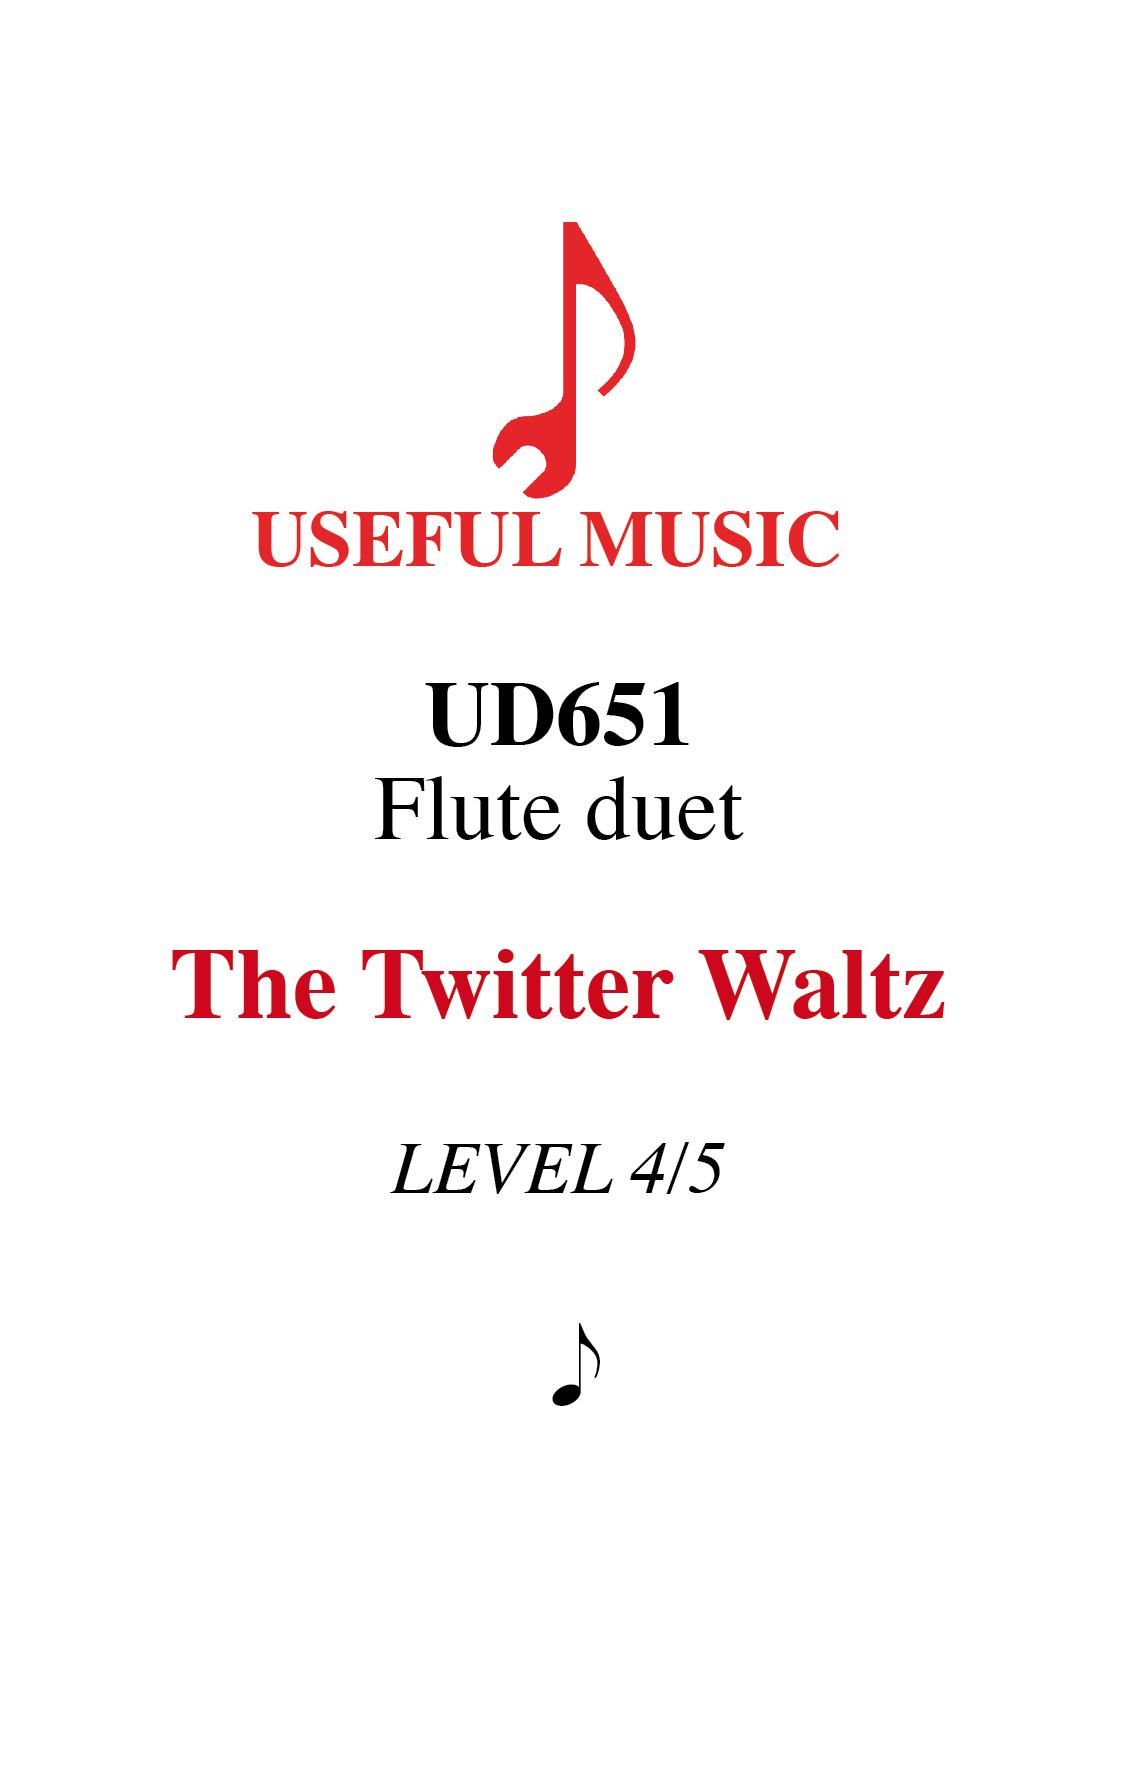 The Twitter Waltz - flute duet